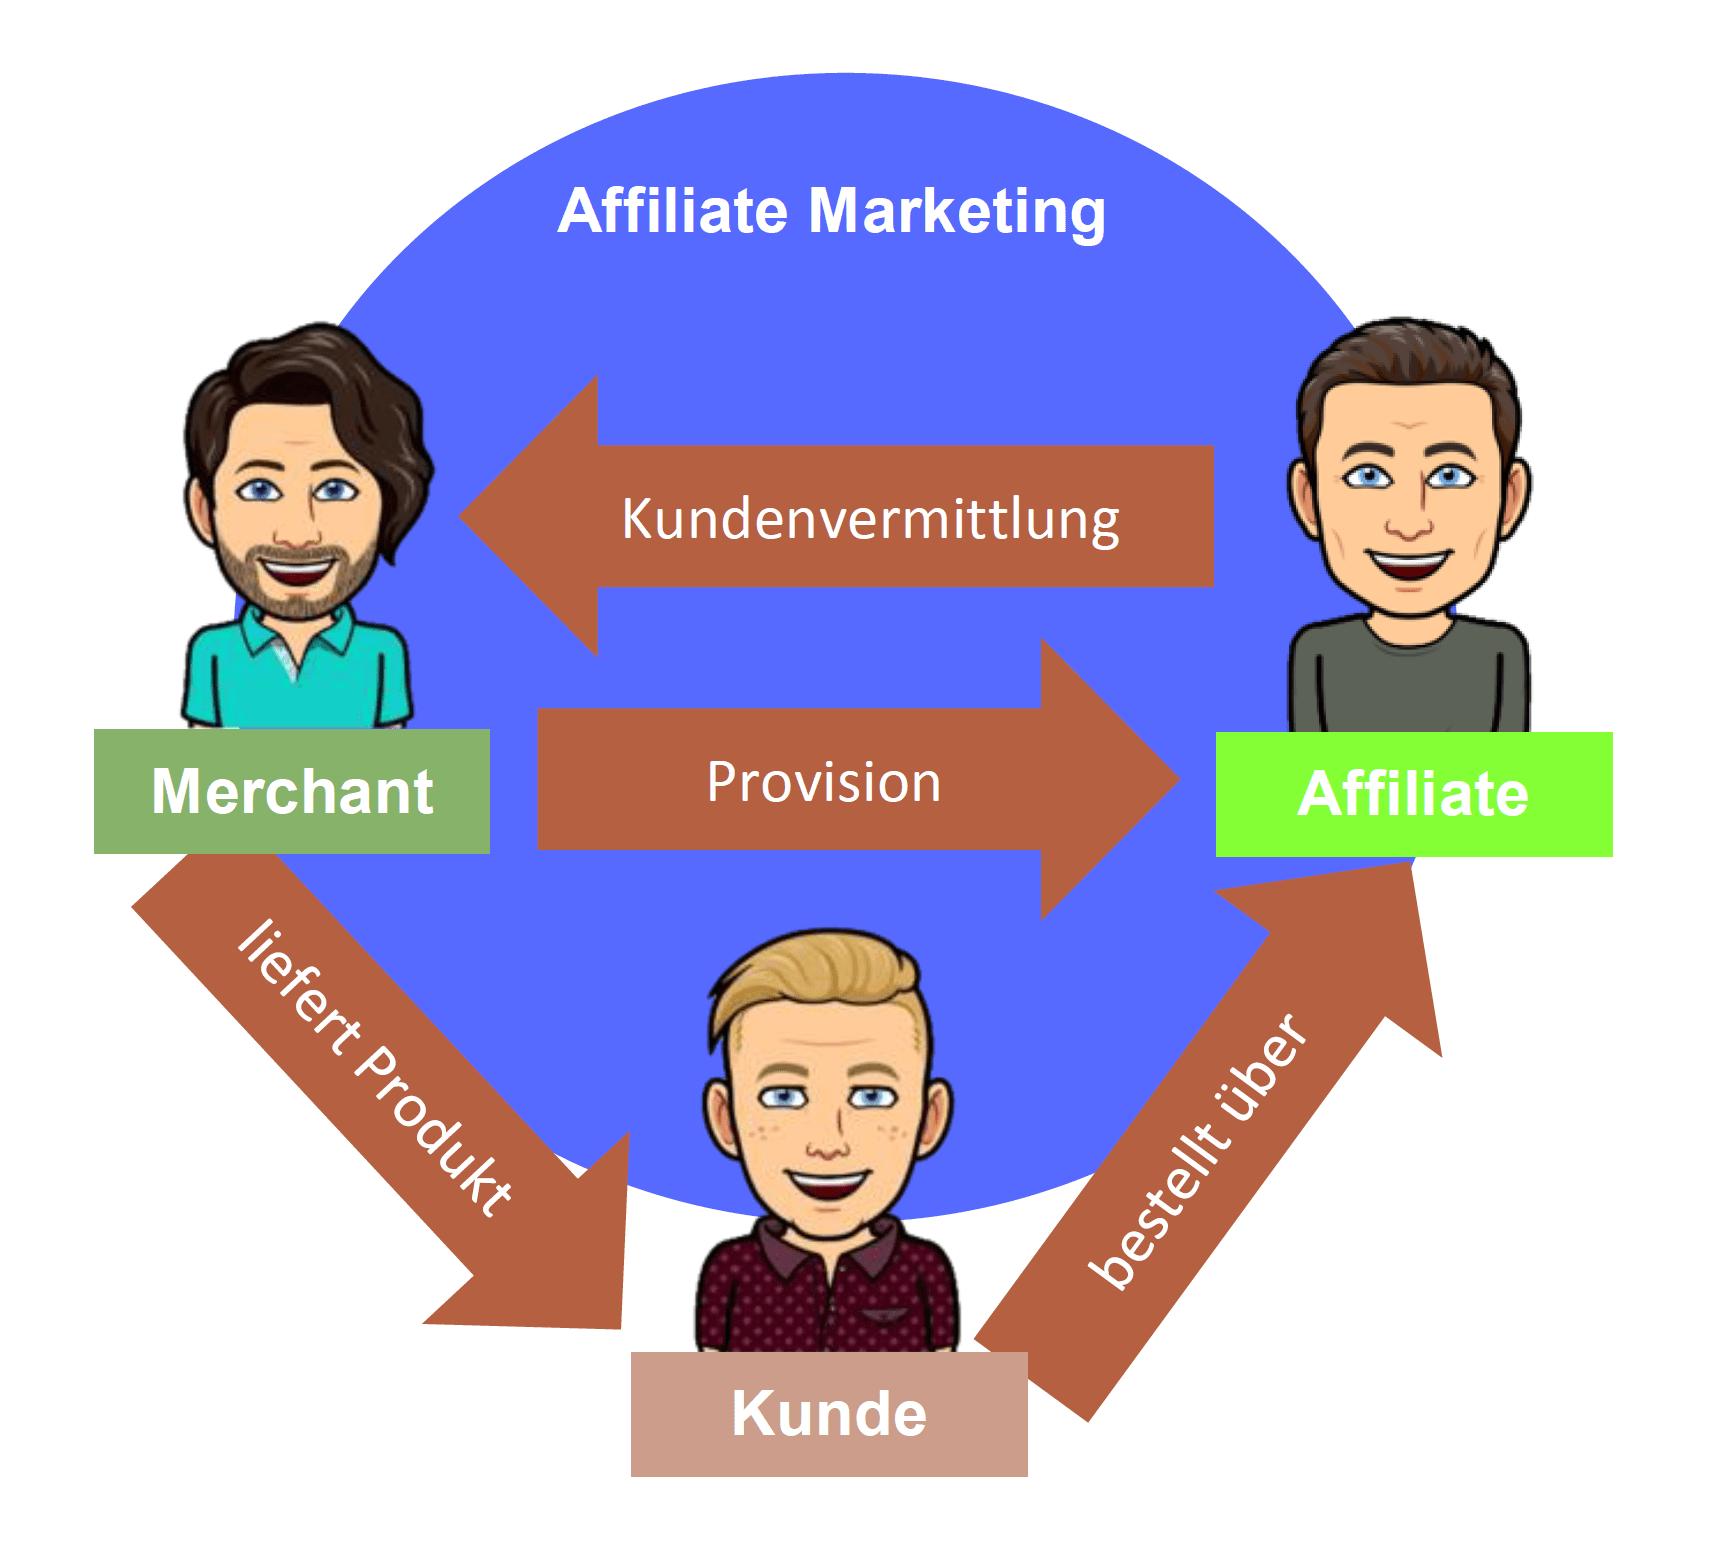 grafische Darstellung des Affiliate Marketing Prozesses